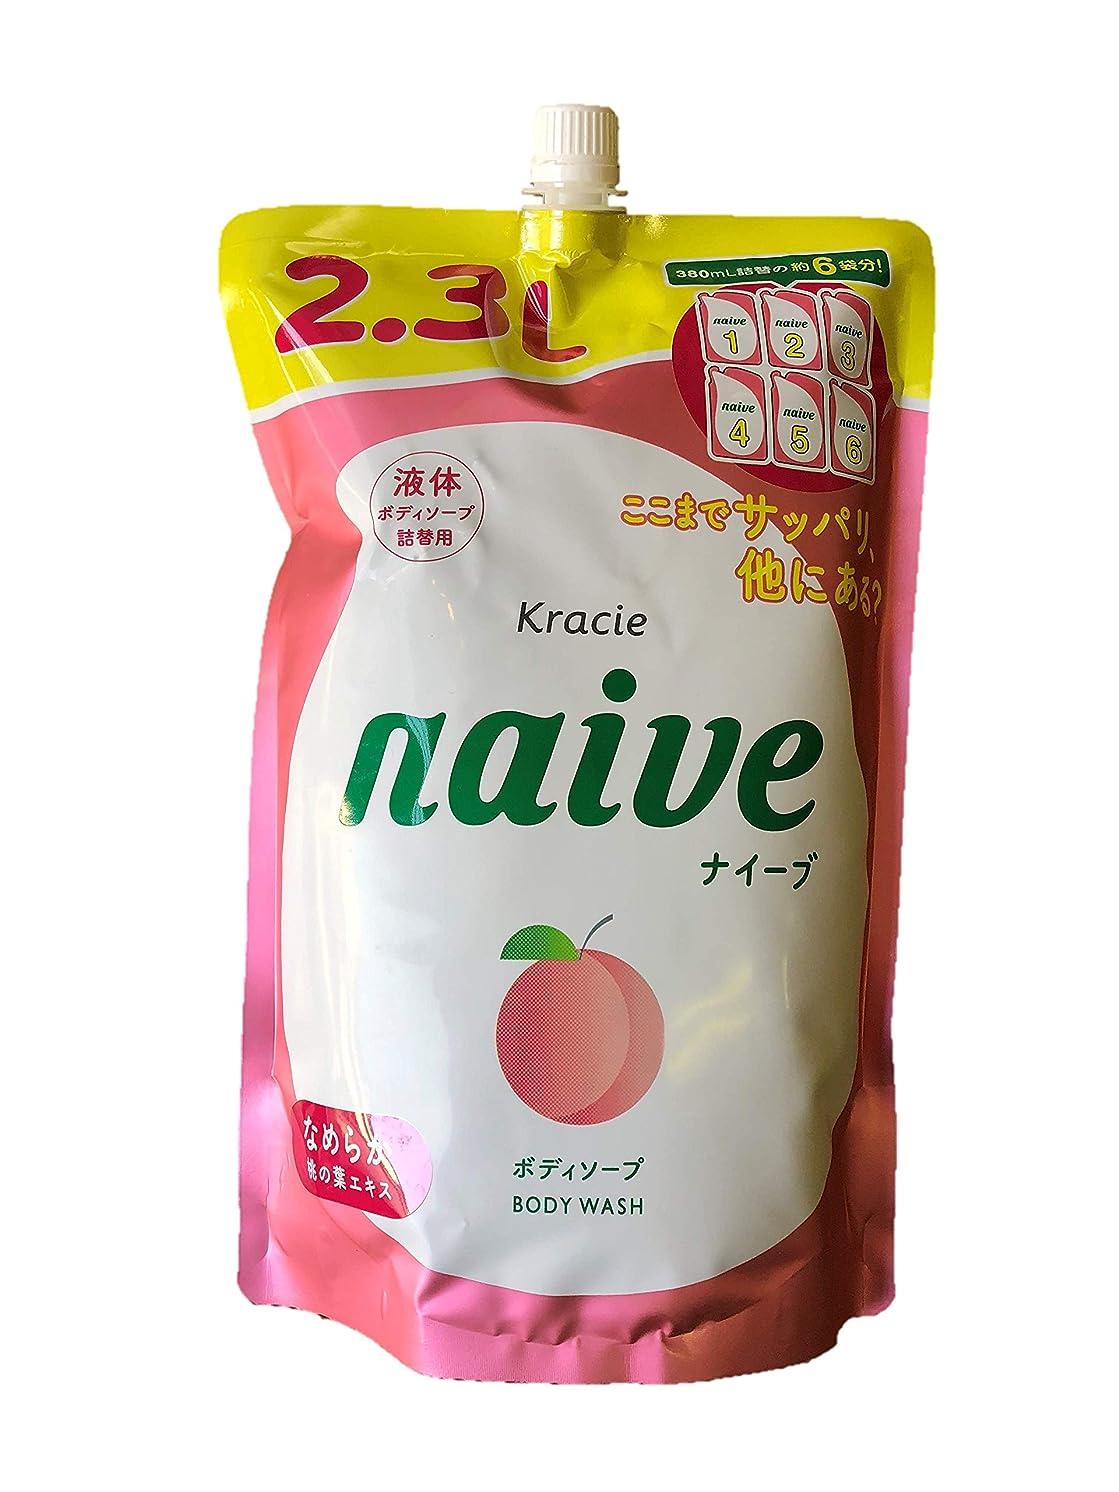 音楽を聴く傾いたパドル【大容量2.3L】ナイーブ 植物性ボディーソープ 自然でやさしい桃の香り 2300ml